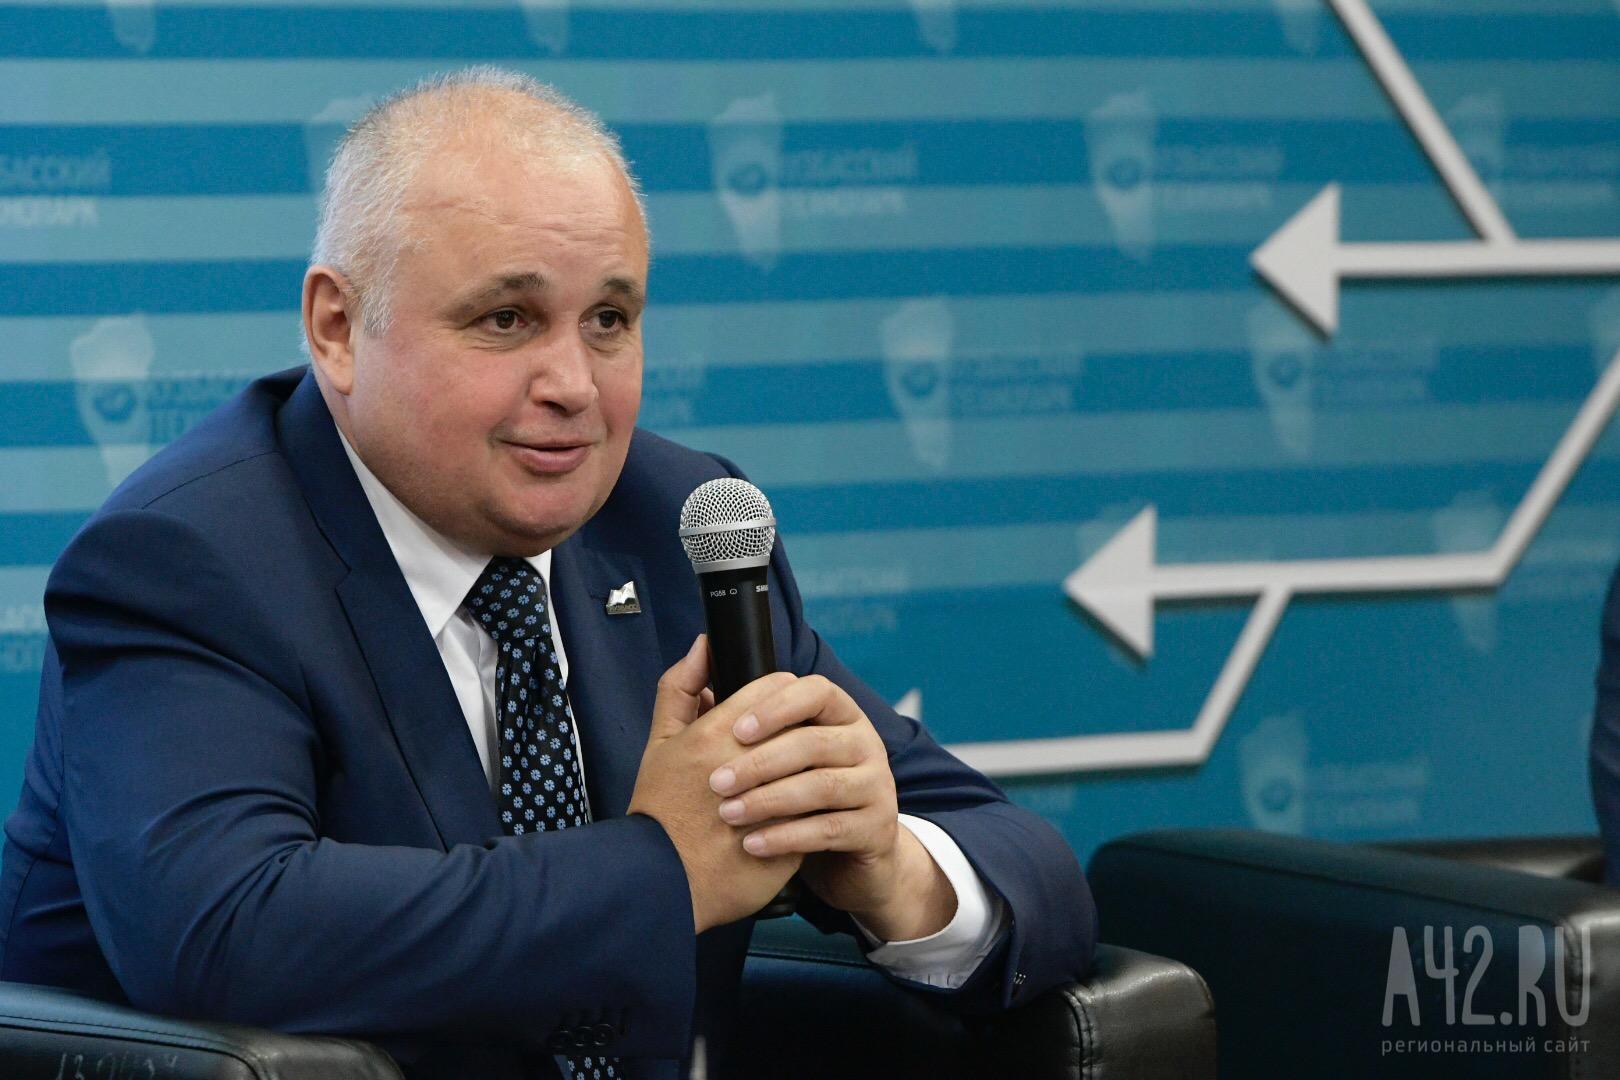 В Кузбассе открыли последний участок единственной за Уралом автомагистрали